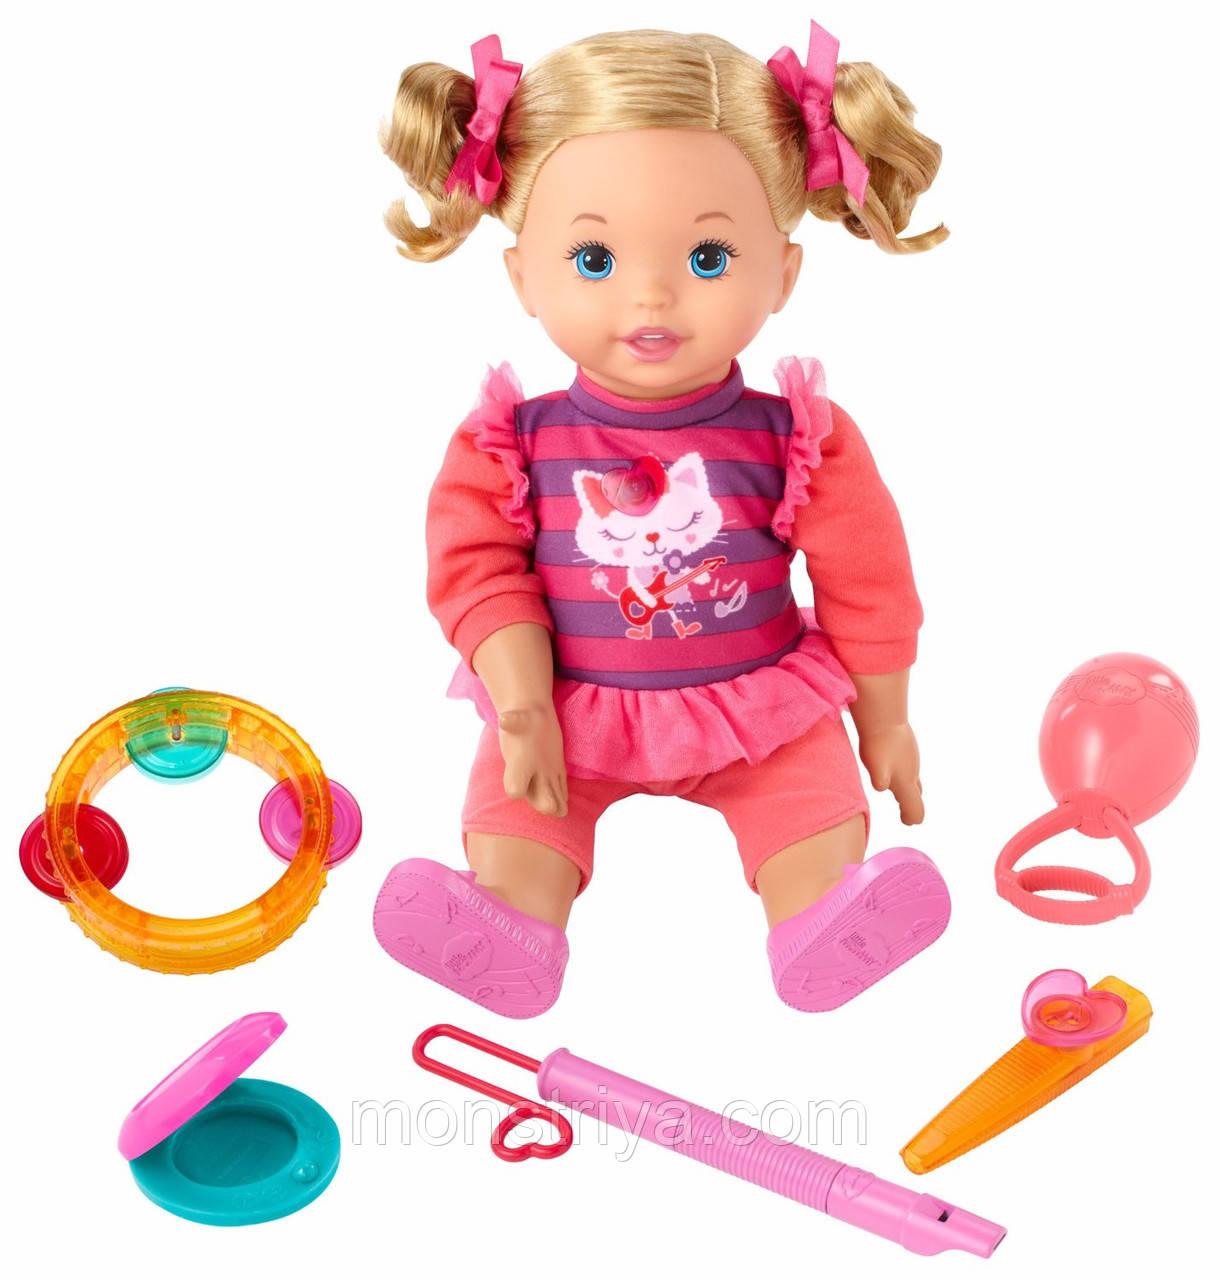 Интерактивная кукла Давай создавать музыку   Little Mommy Let's Make Music Doll, фото 1